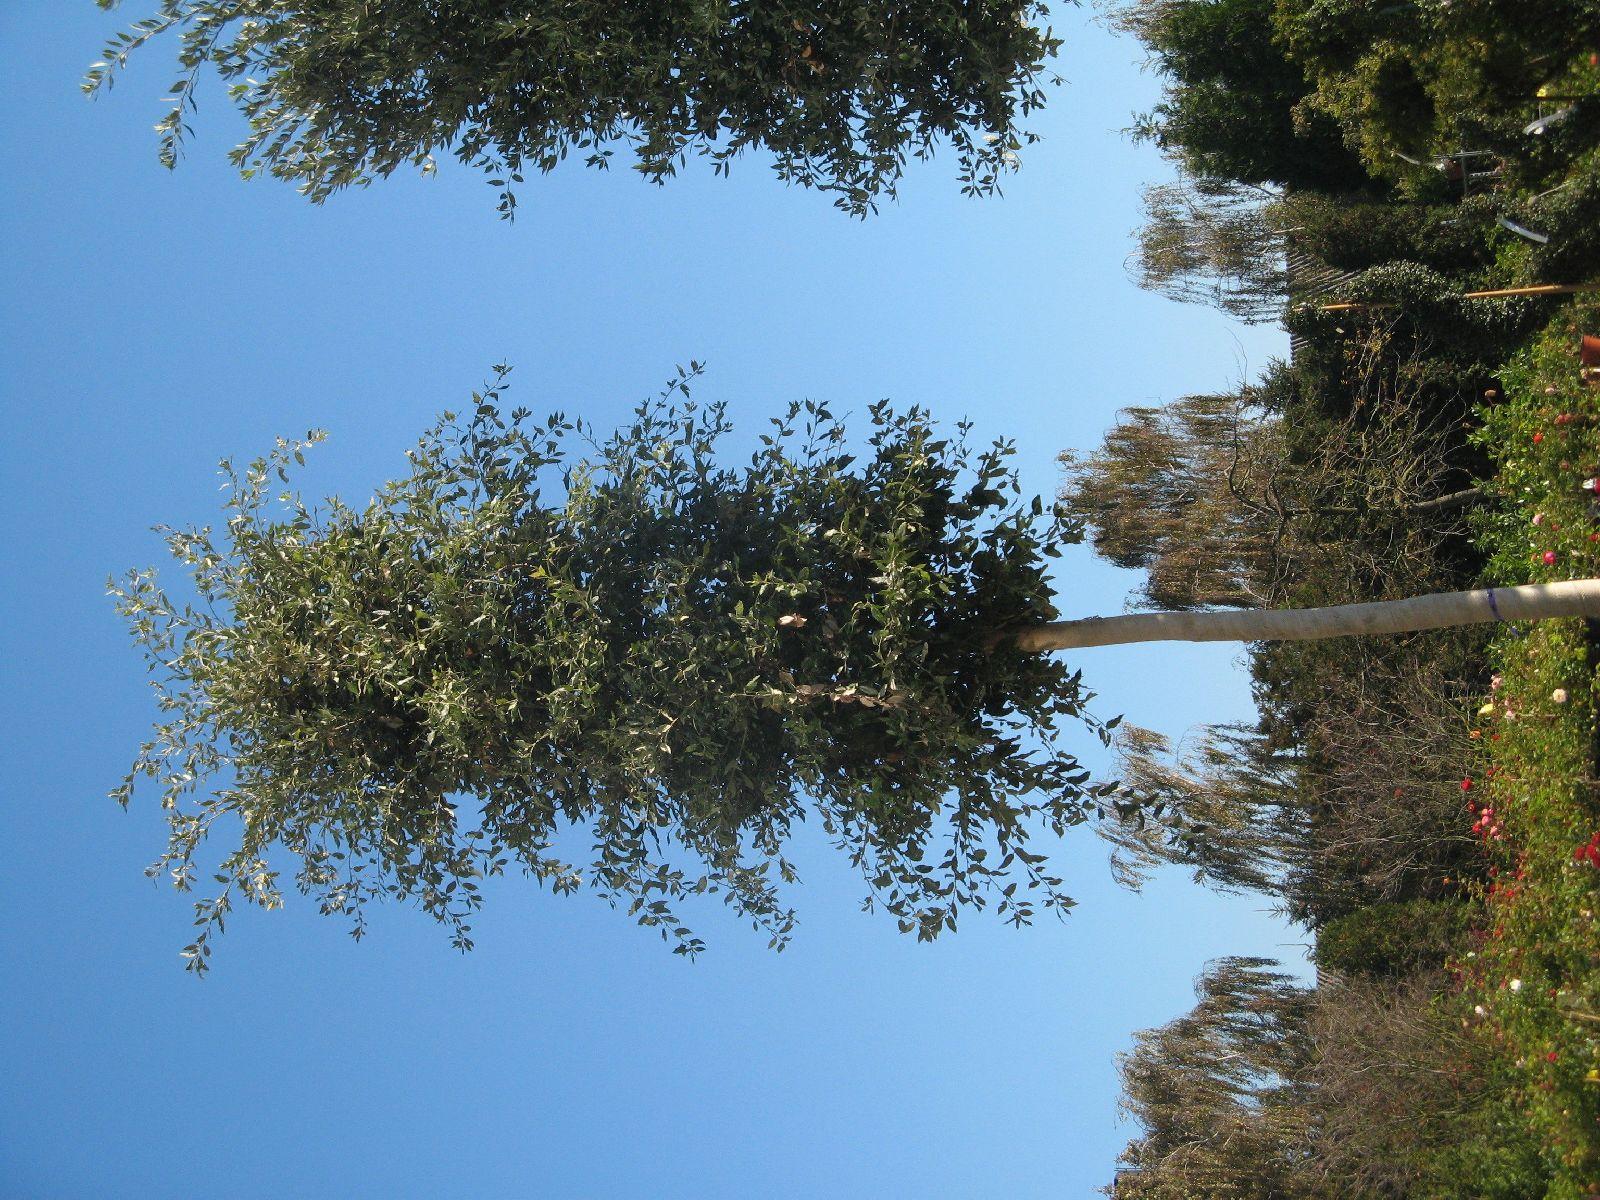 Pflanzen-Baum-Foto_Textur_B_3741